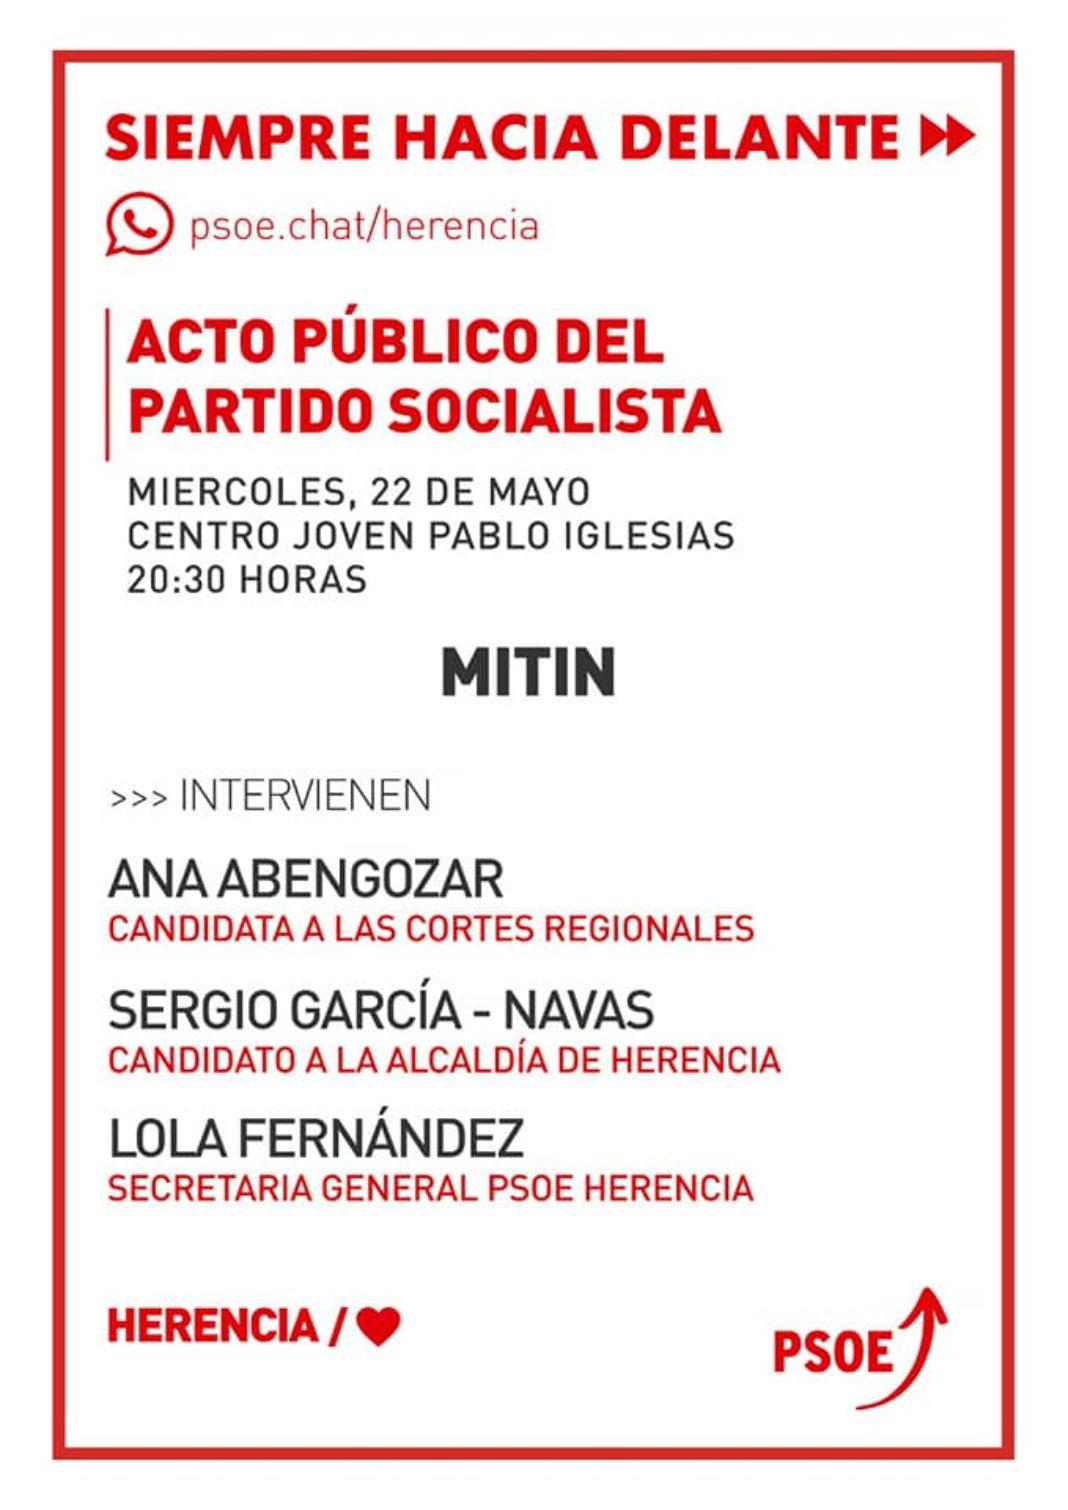 Acto público del partido socialista de Herencia 1068x1510 - Mitin público del partido socialista de Herencia